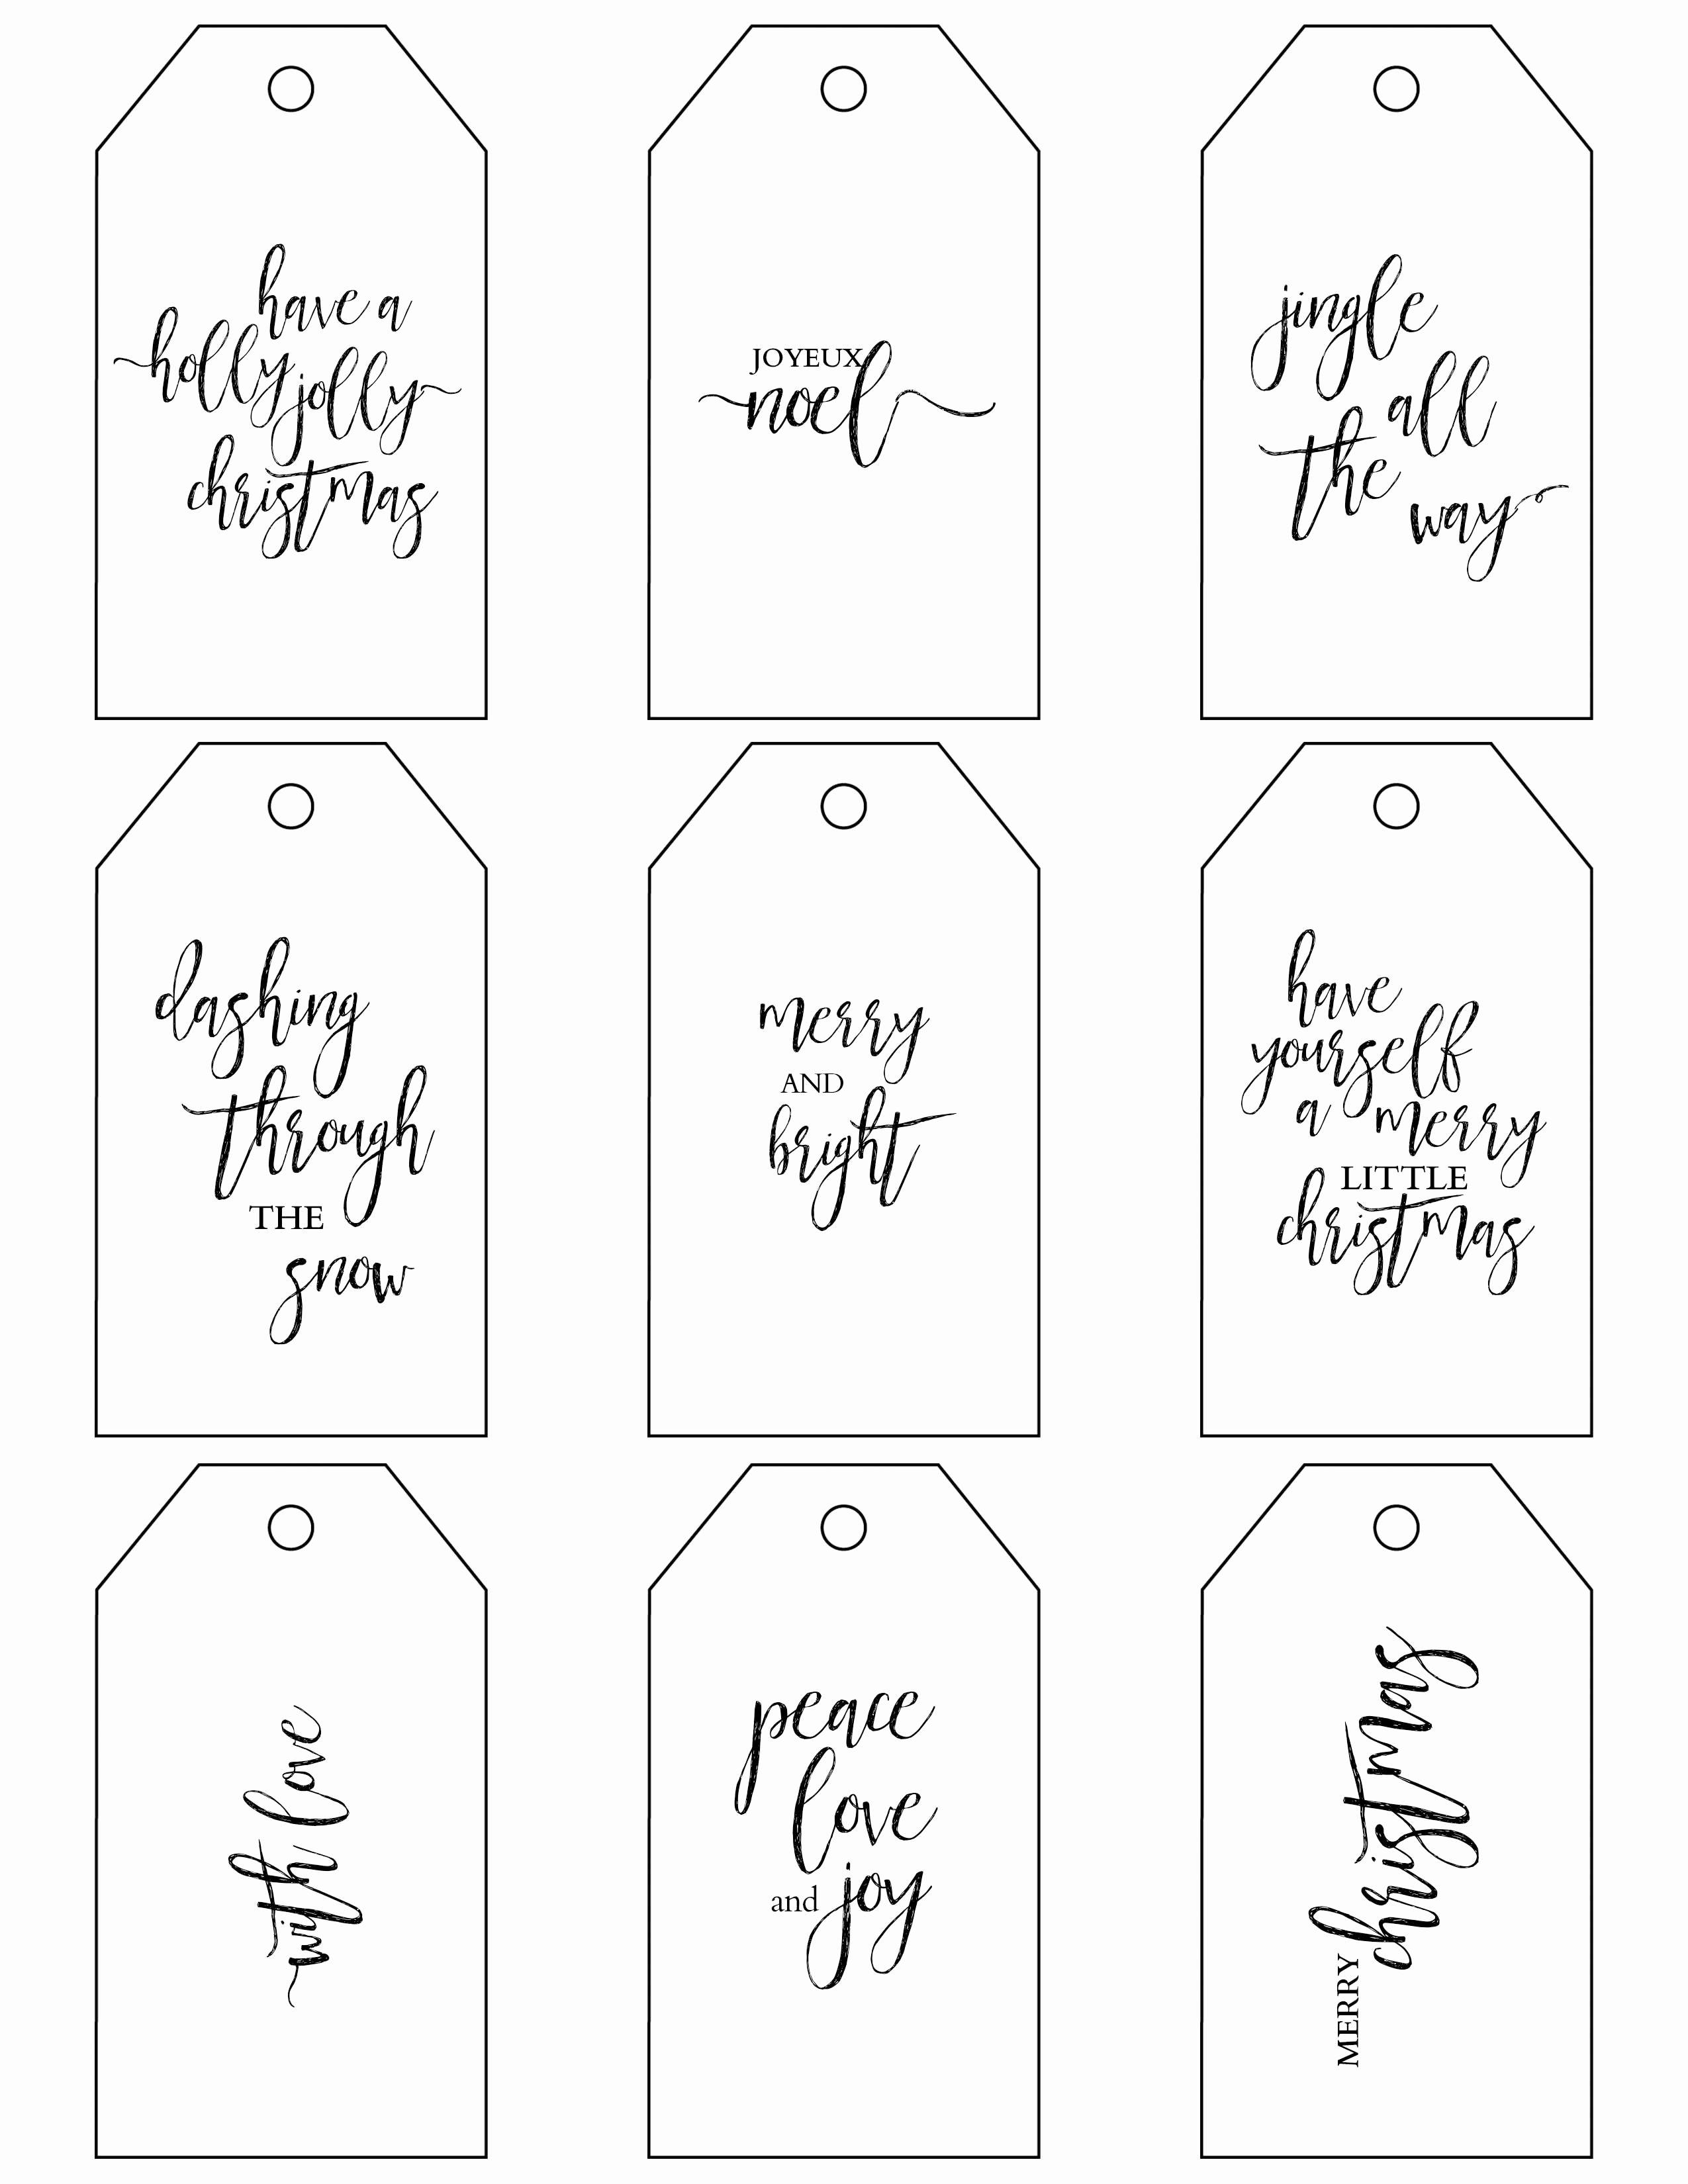 Gift Bag Tag Template Awesome Printable Christmas Gift Tags Make Holiday Wrapping Simple